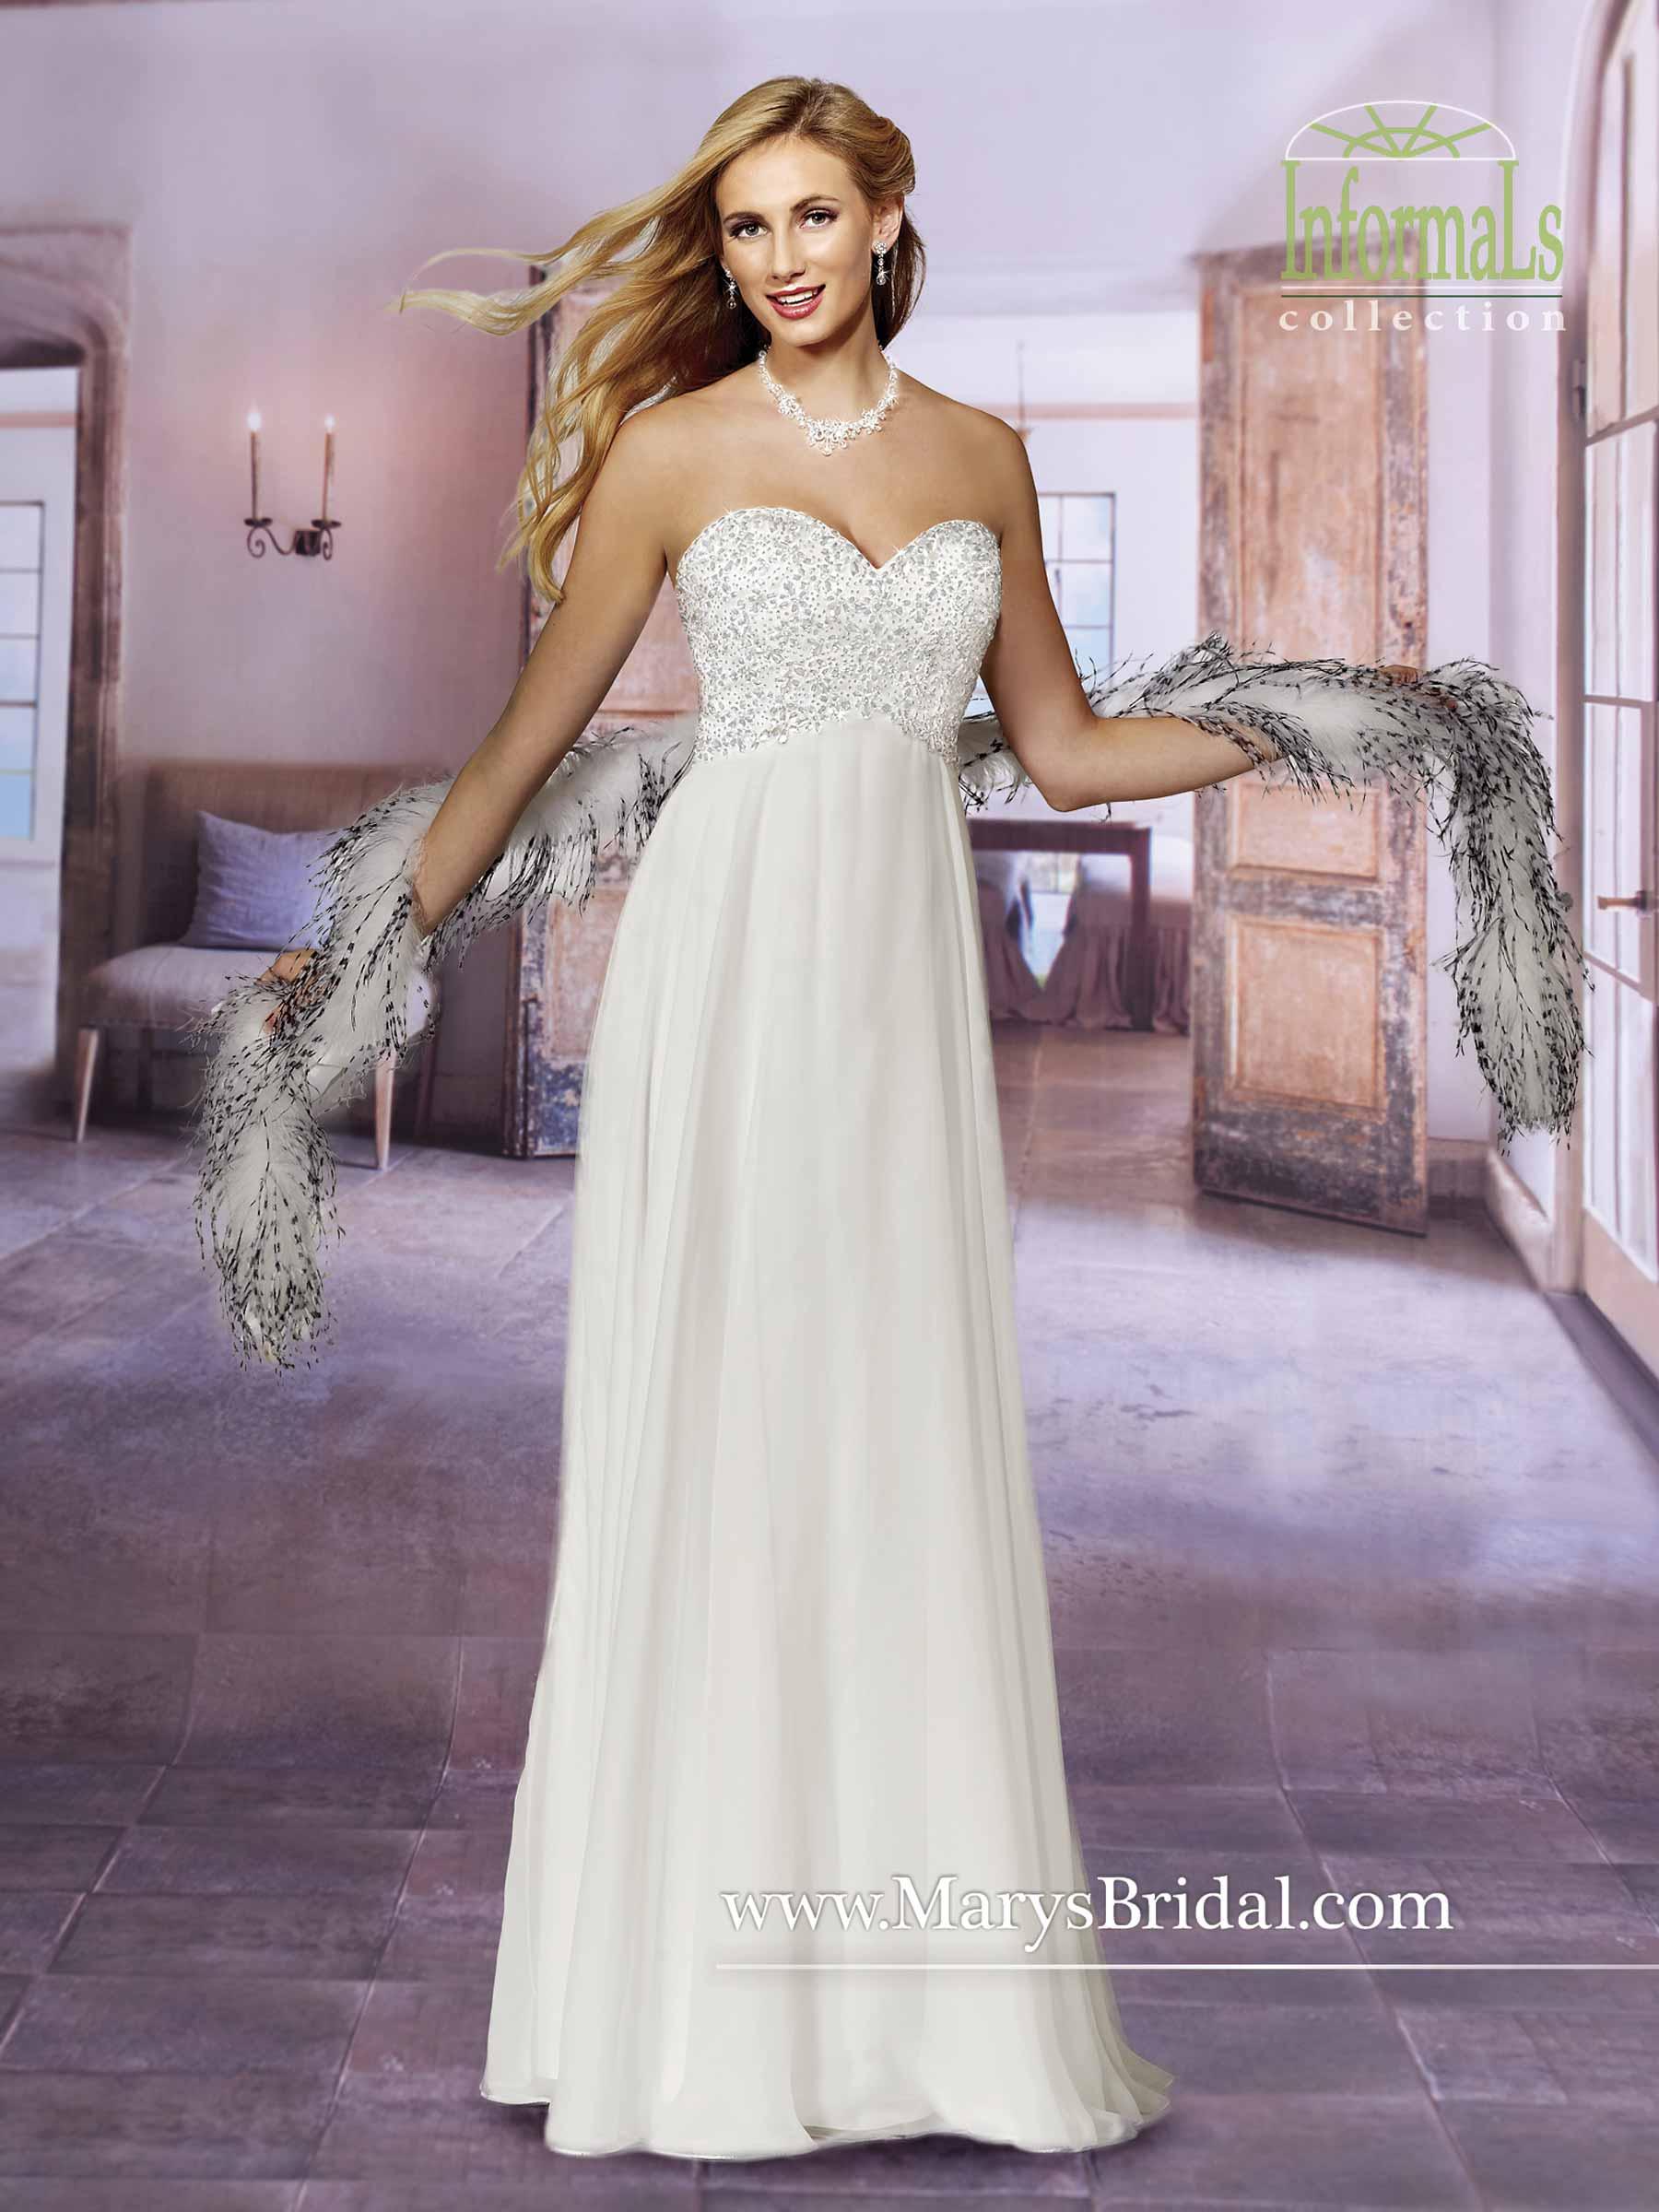 2620-marys bridal